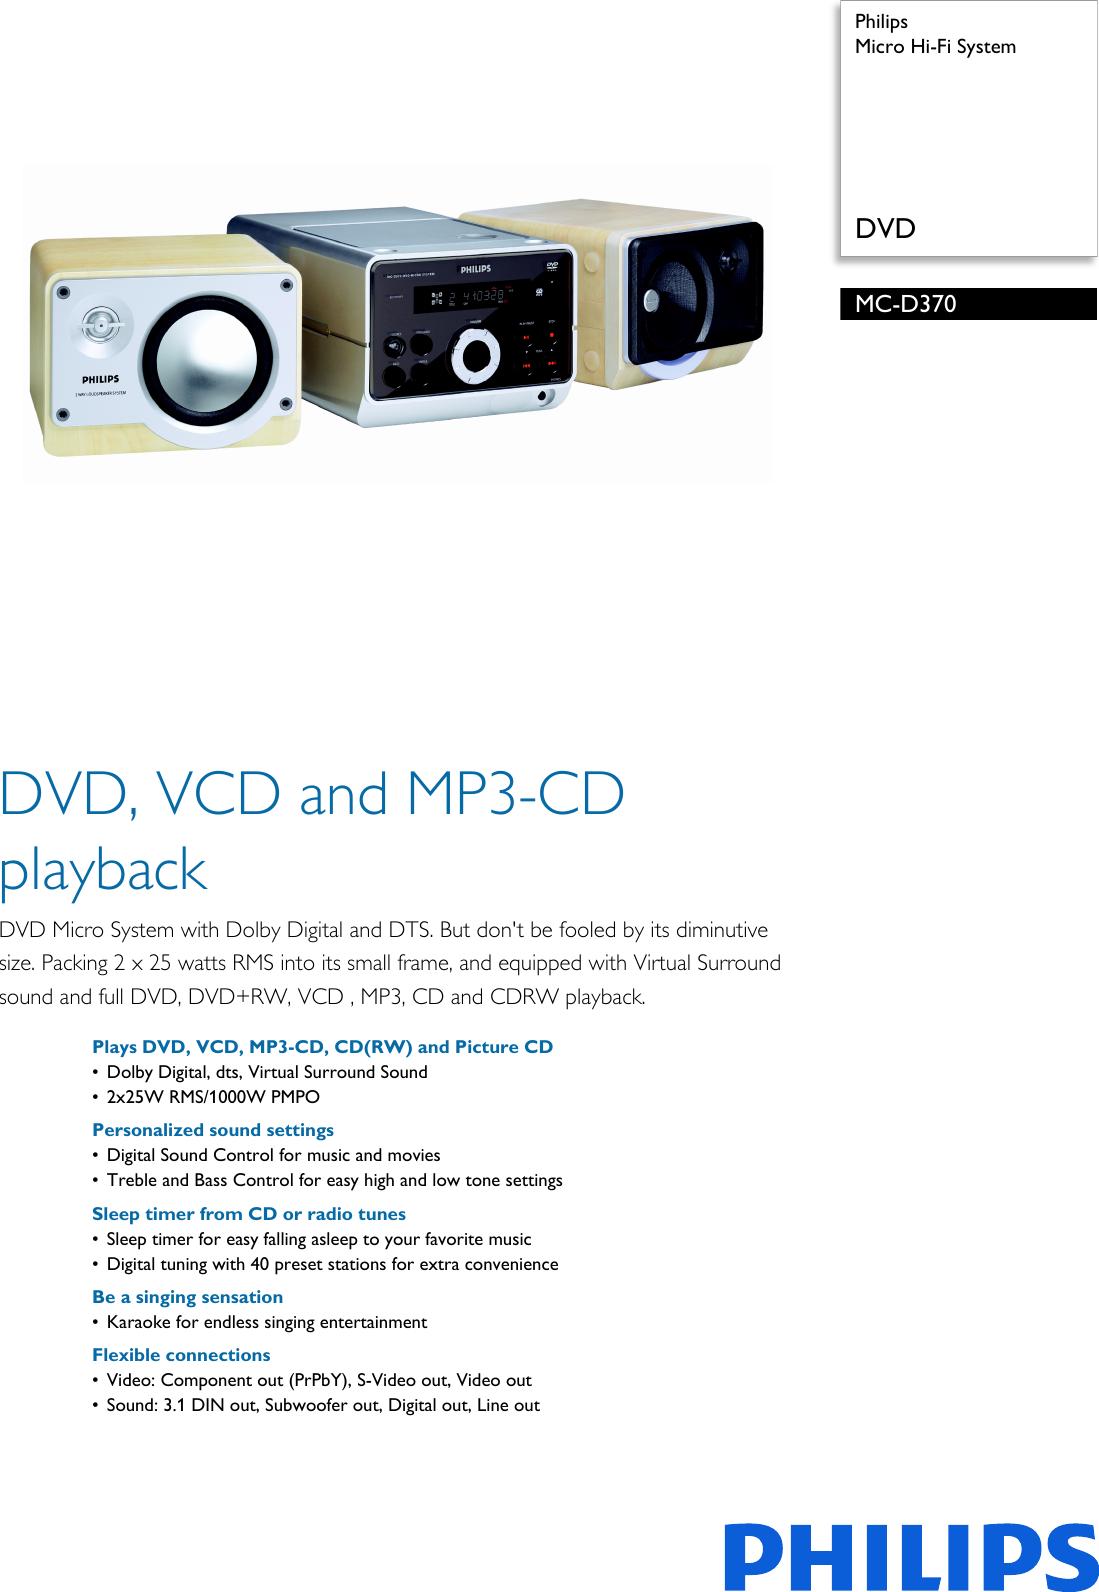 philips mc d370 21m micro hi fi system leaflet d370 21m pss rh usermanual wiki